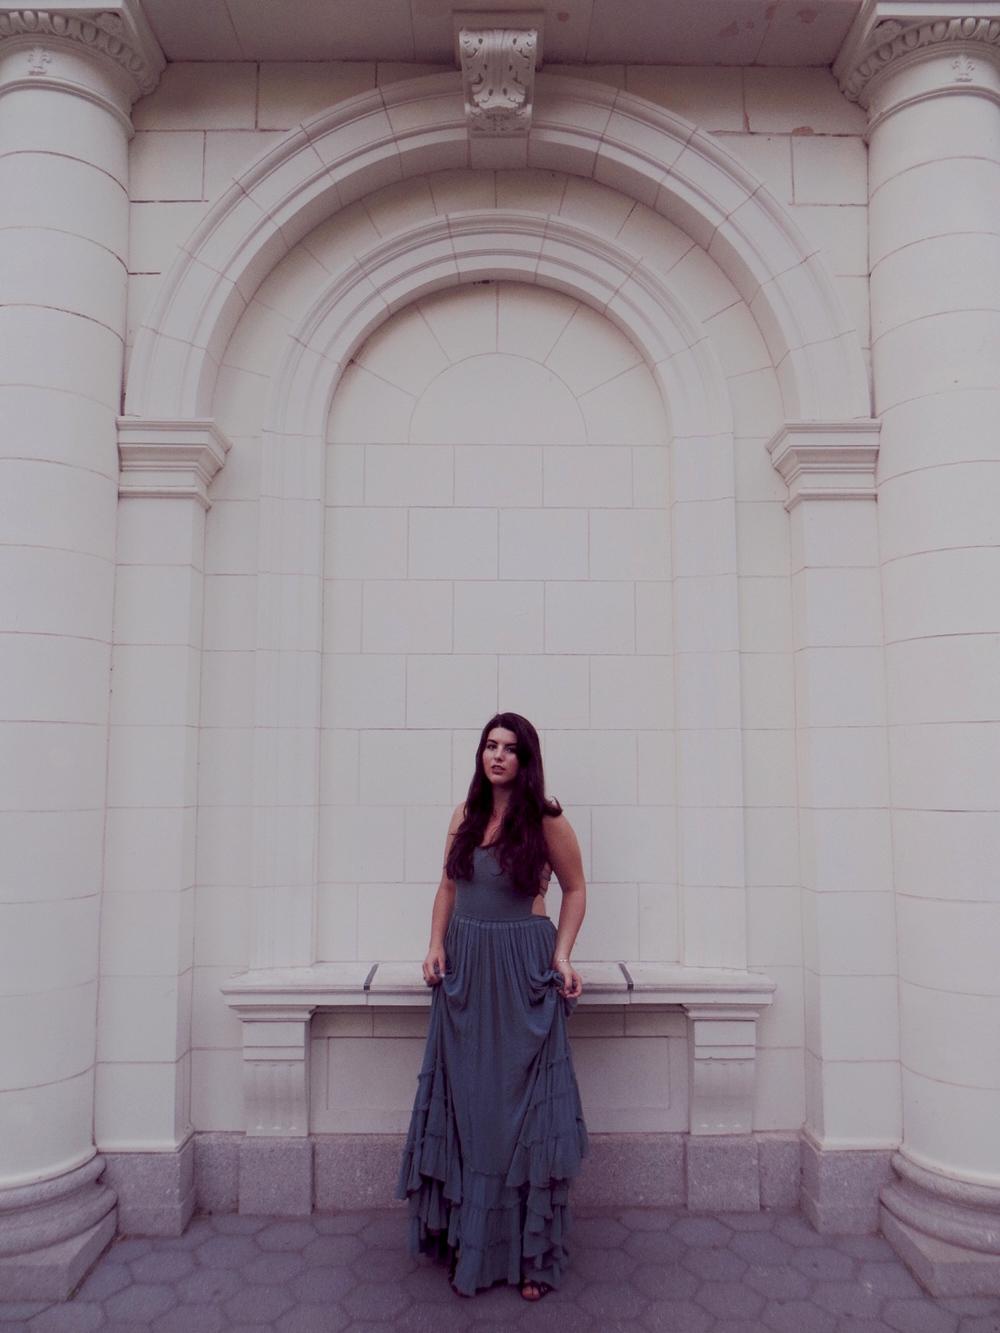 MelanieRoseThomas_1.jpg